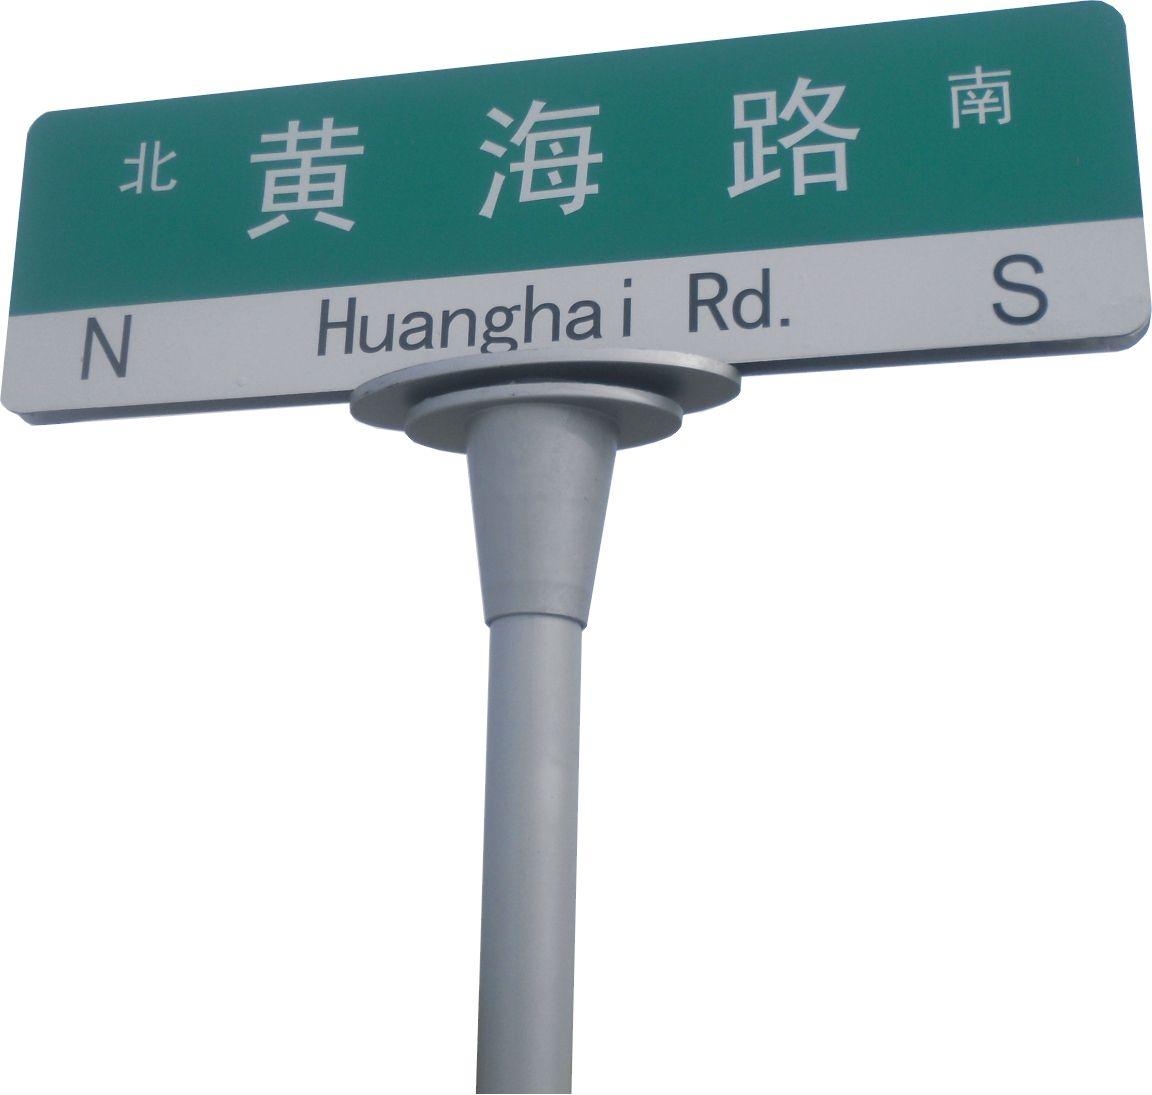 盘锦.城.乡街道指示牌制作